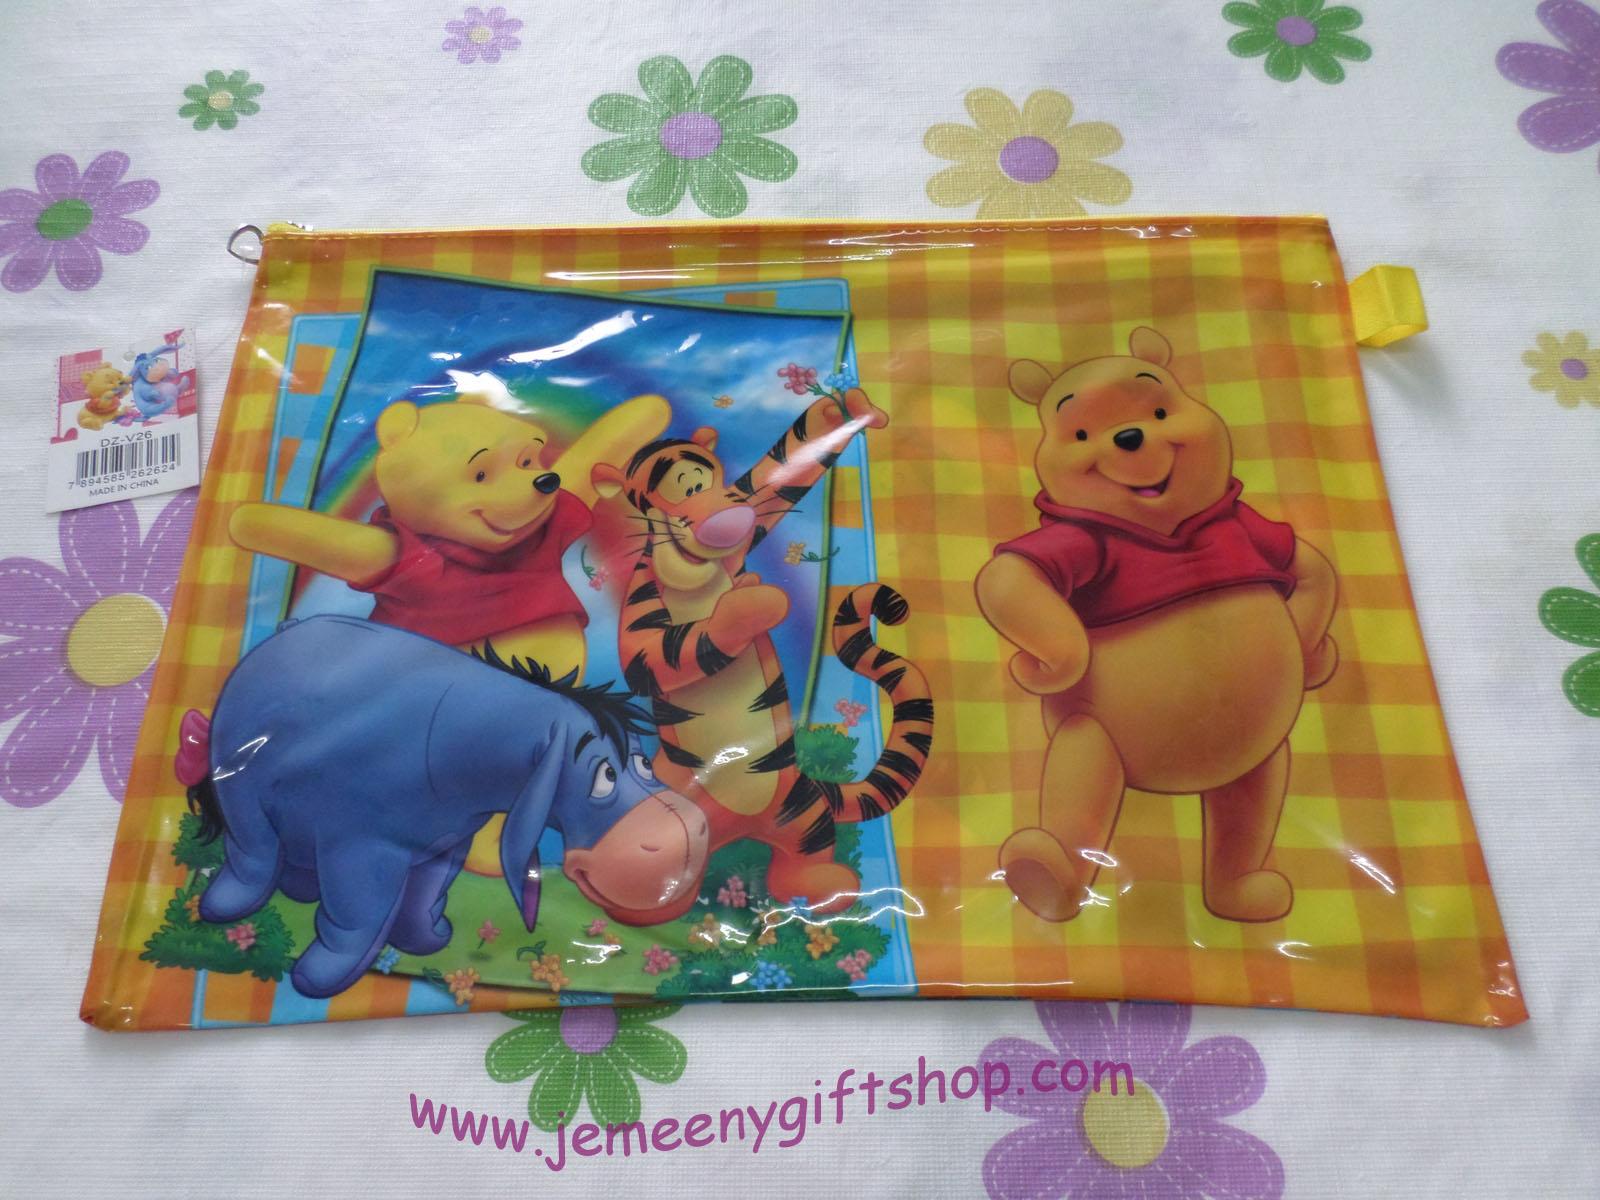 กระเป๋าซองใส่เอกสาร A4 หมีพูห์และเพื่อน Pooh ขนาดยาว 13.5 นิ้ว * สูง 9 นิ้ว